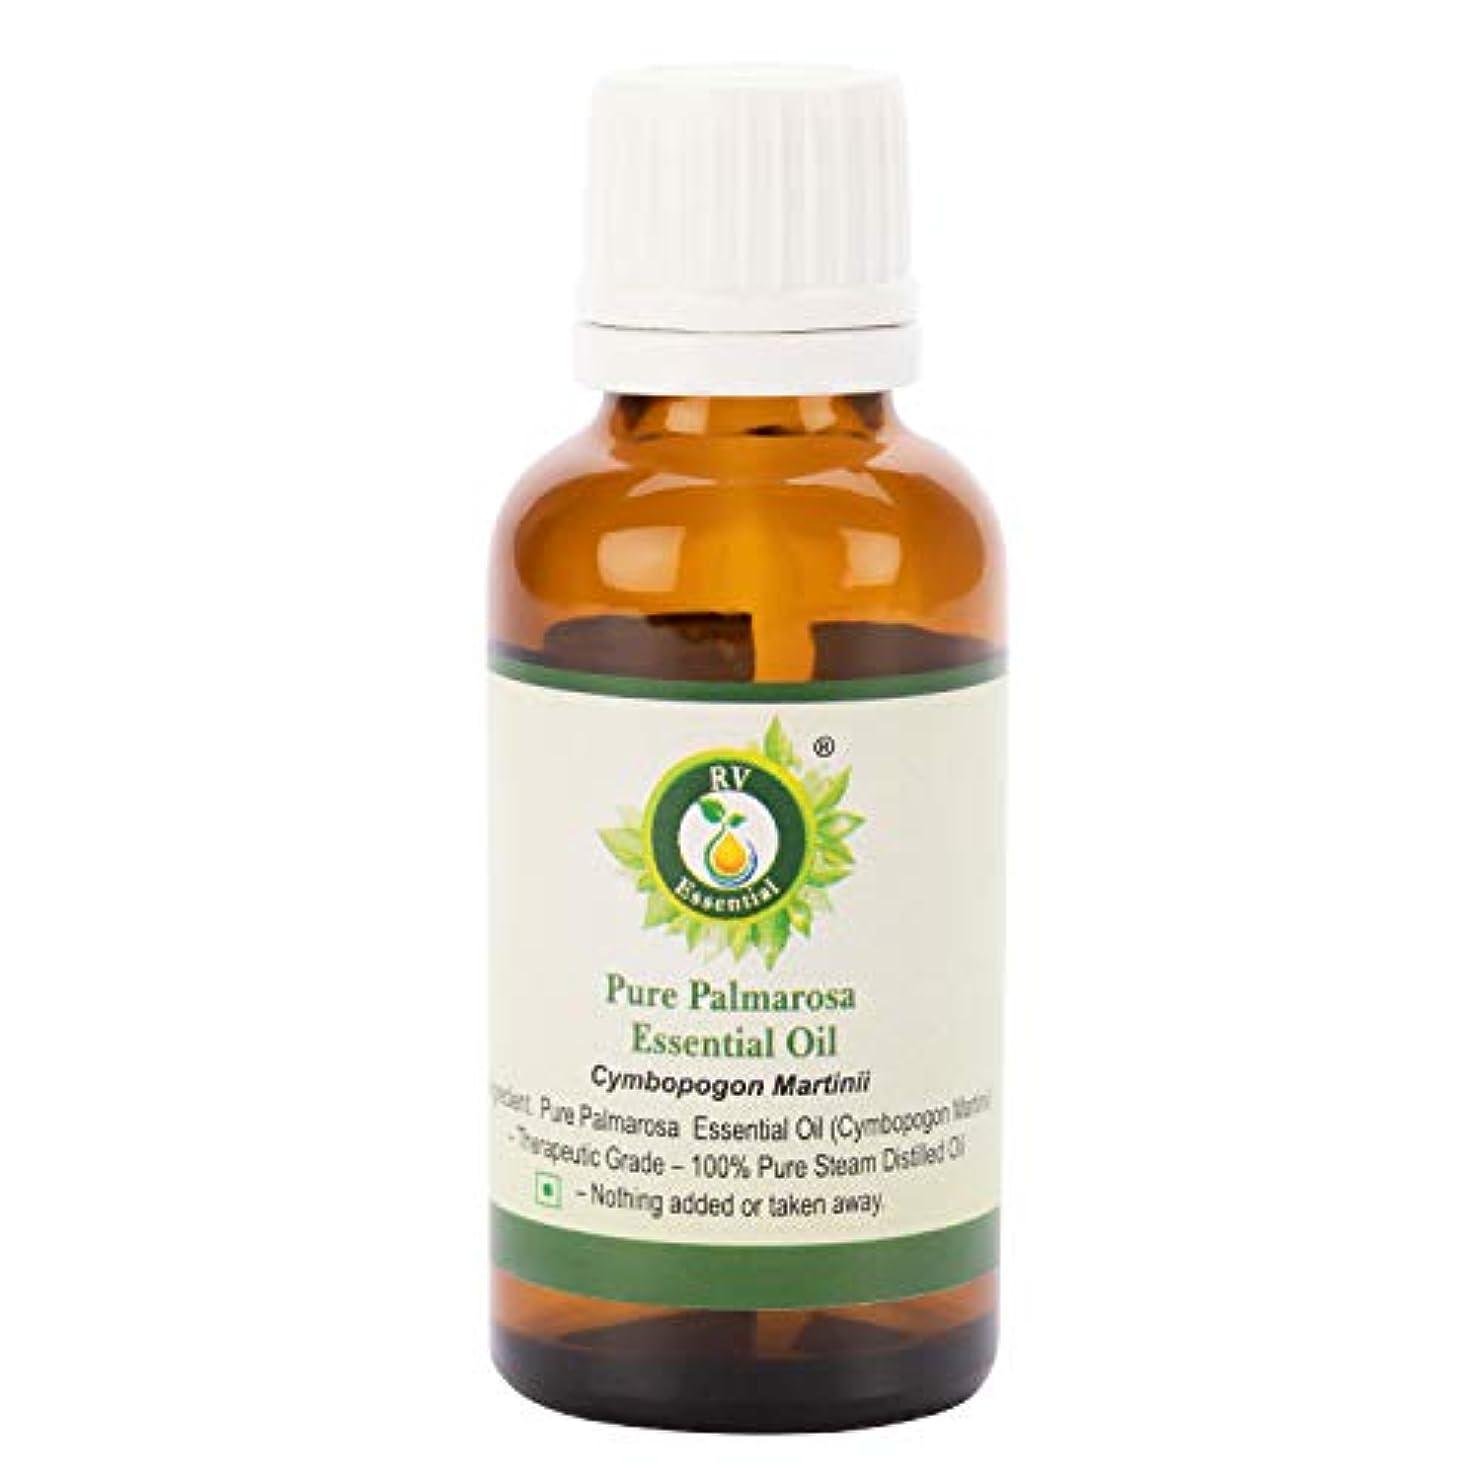 一次飛ぶ知り合いピュアパルマローザエッセンシャルオイル5ml (0.169oz)- Cymbopogon Martinii (100%純粋&天然スチームDistilled) Pure Palmarosa Essential Oil